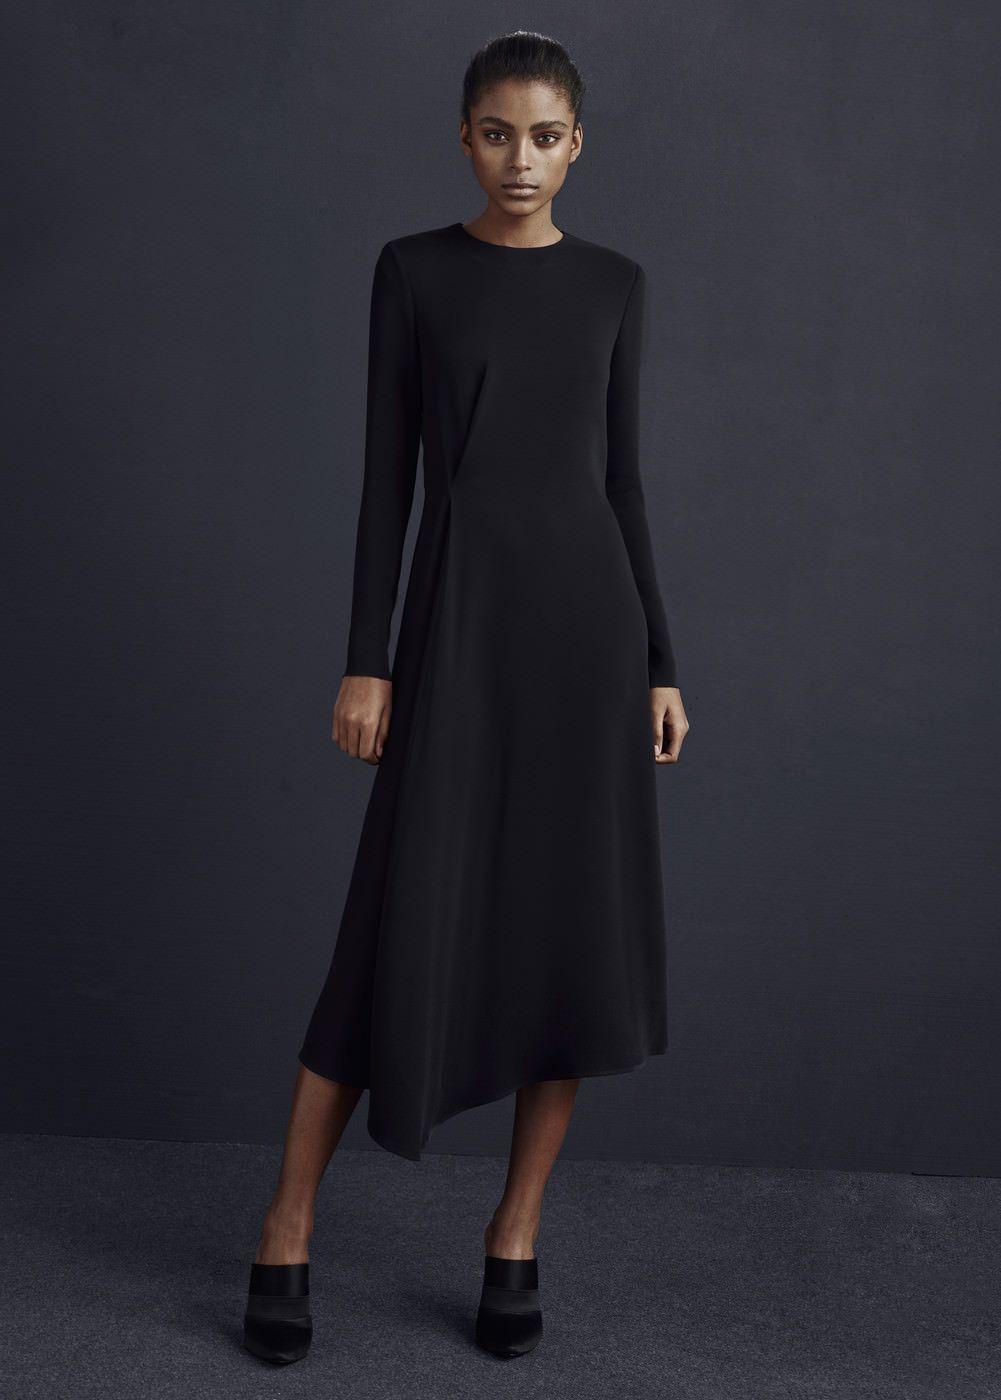 Premium - kleid mit überkreuztem detail - Damen